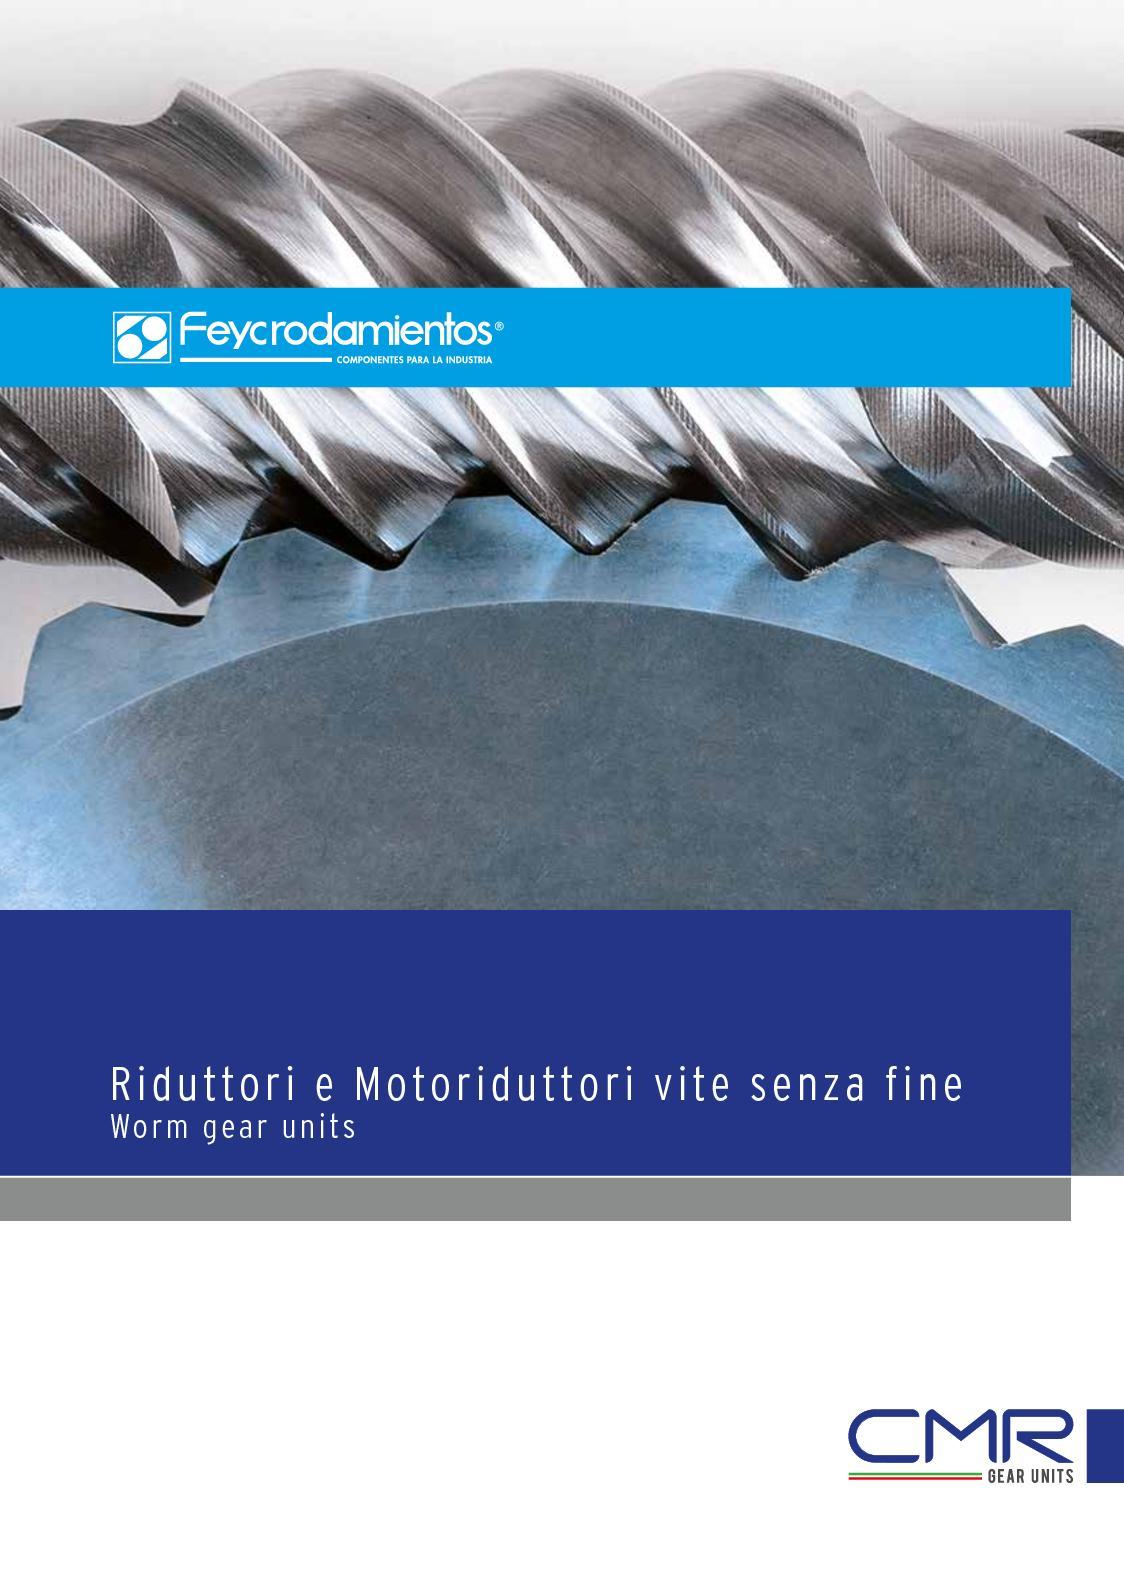 d0bec138ff82 Calaméo - Riduttori & Motoriduttori